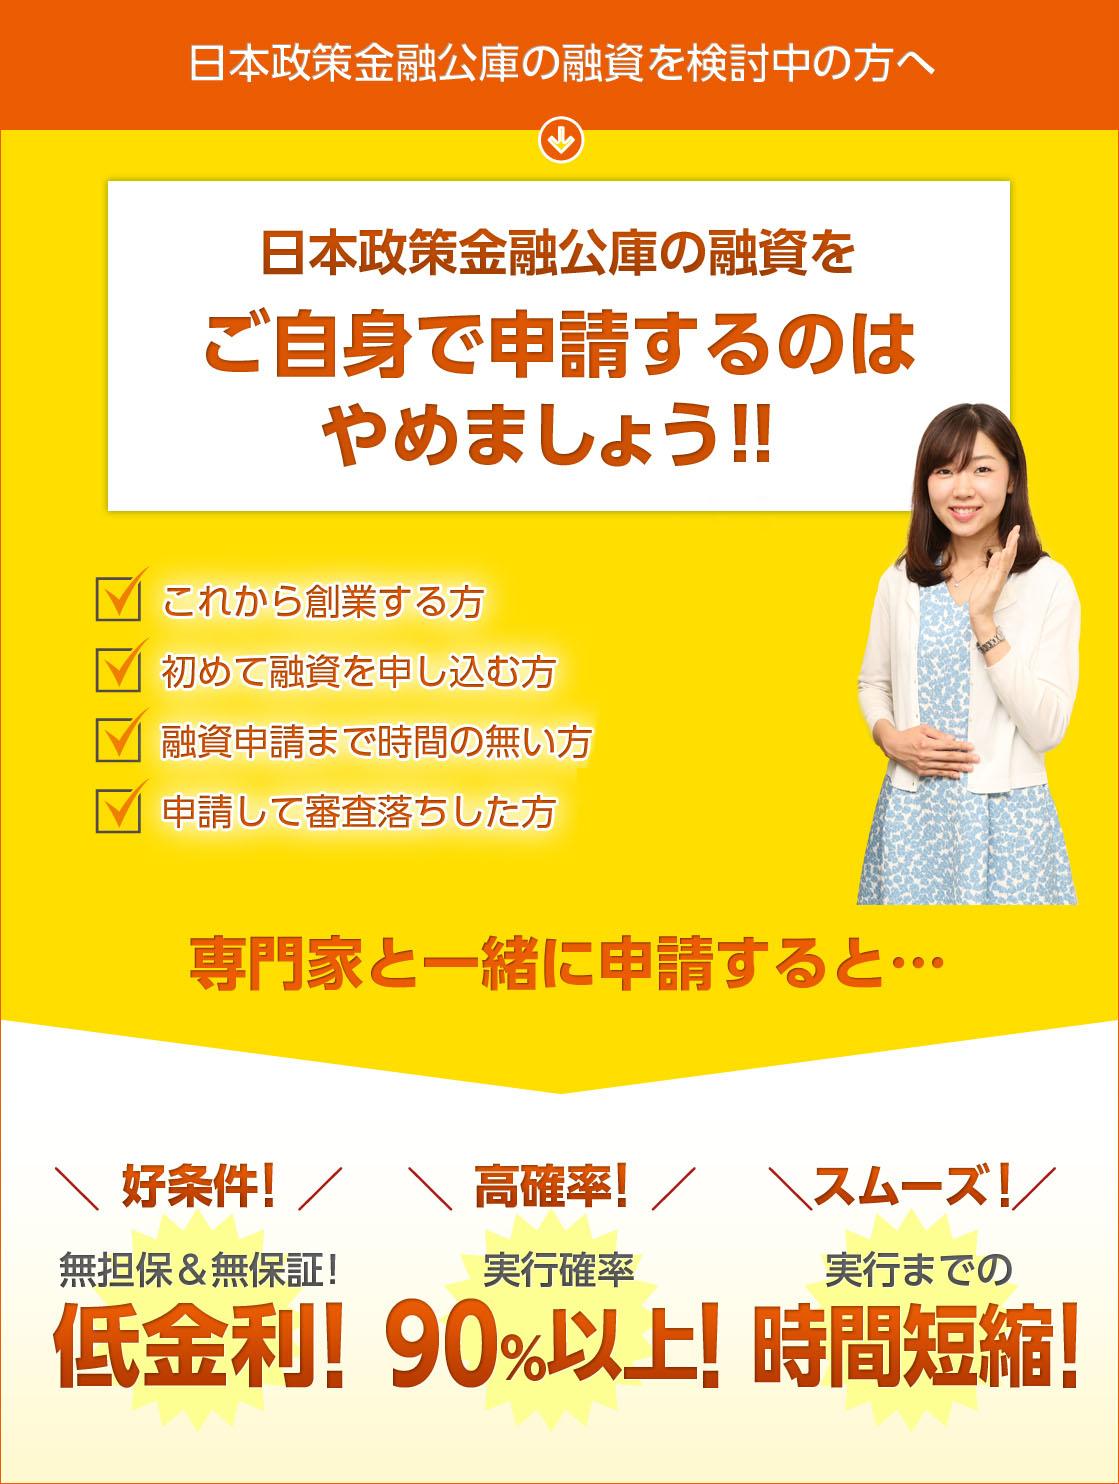 日本政策金融公庫の融資を検討中の方へ